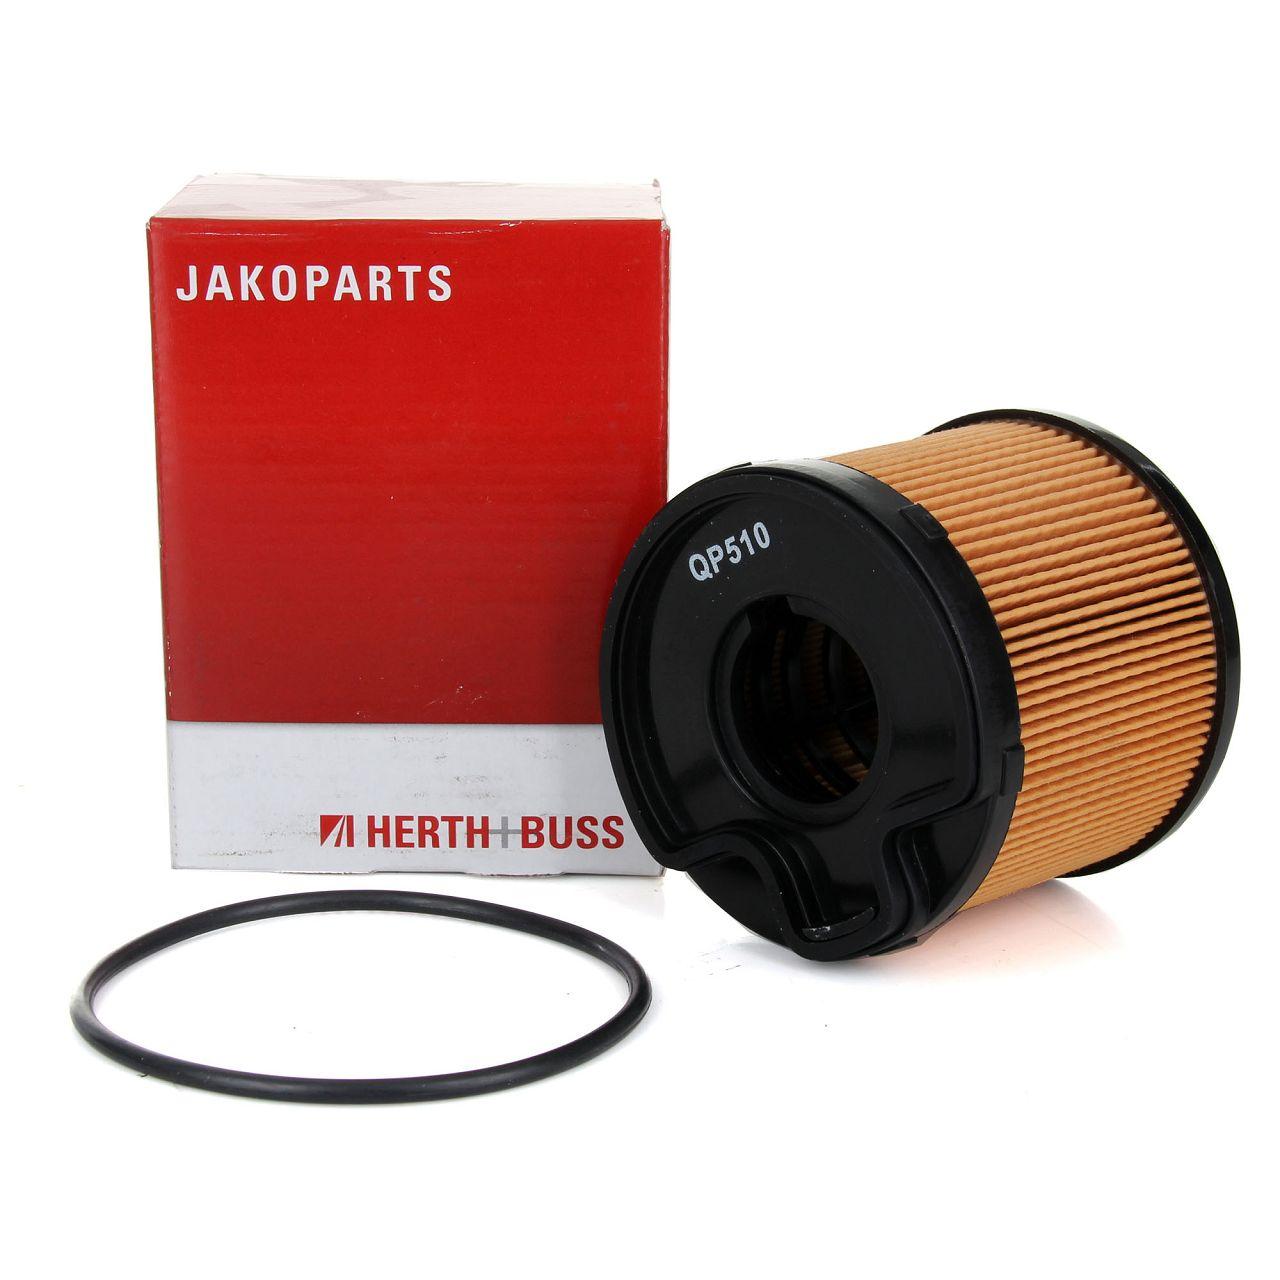 HERTH+BUSS JAKOPARTS Dieselfilter J1338024 für SUZUKI GRAND VITARA I 2.0 HDI